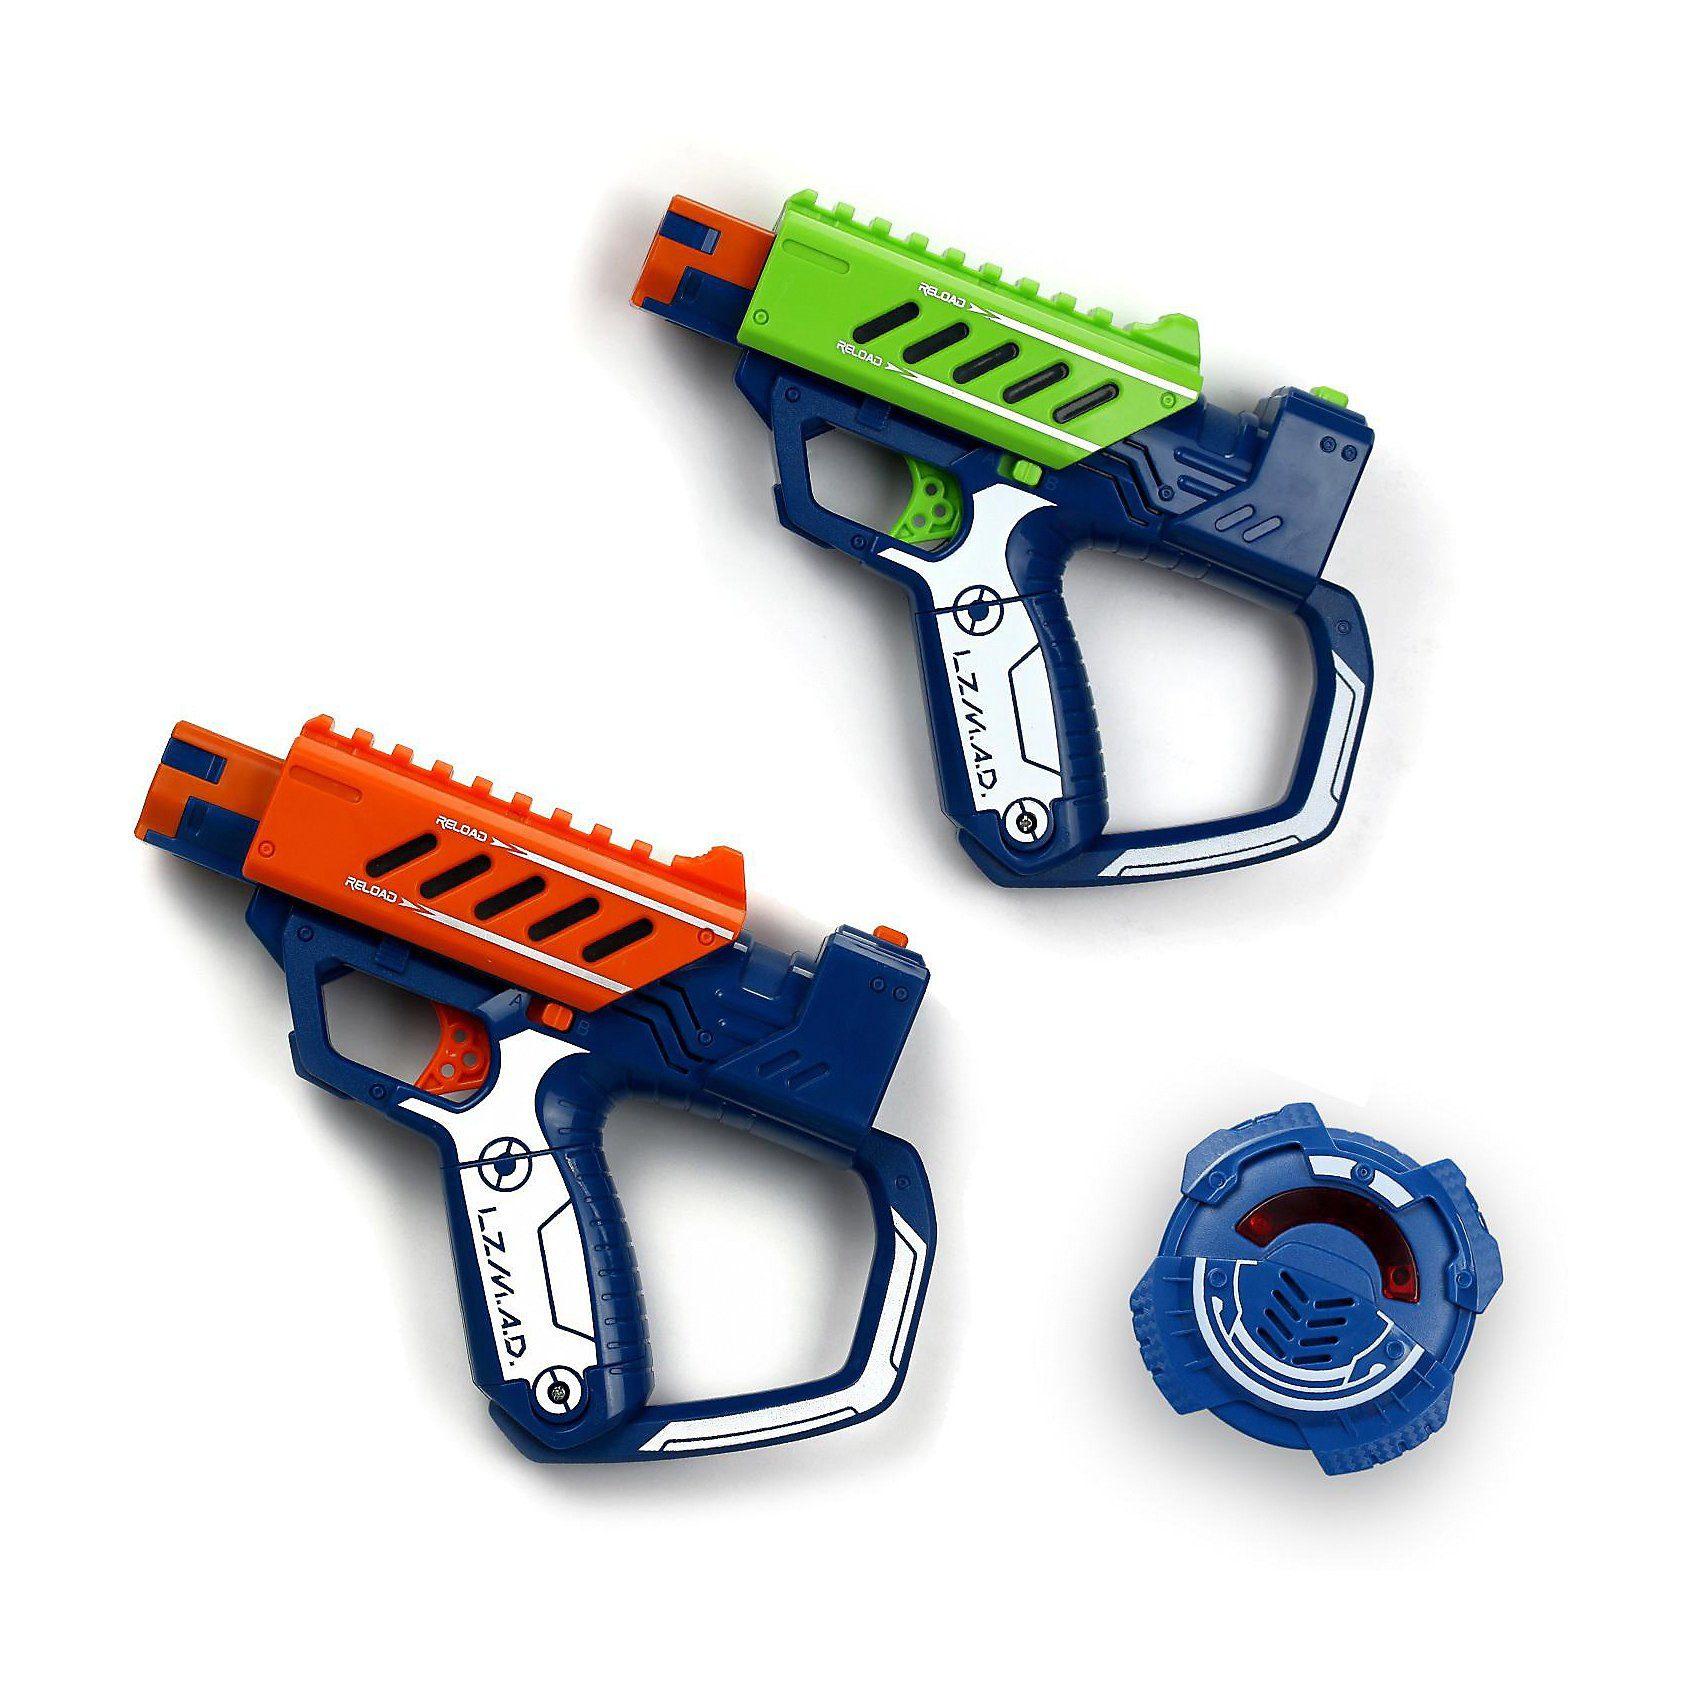 Silverlit Lazer Mad - 2-Spieler Set